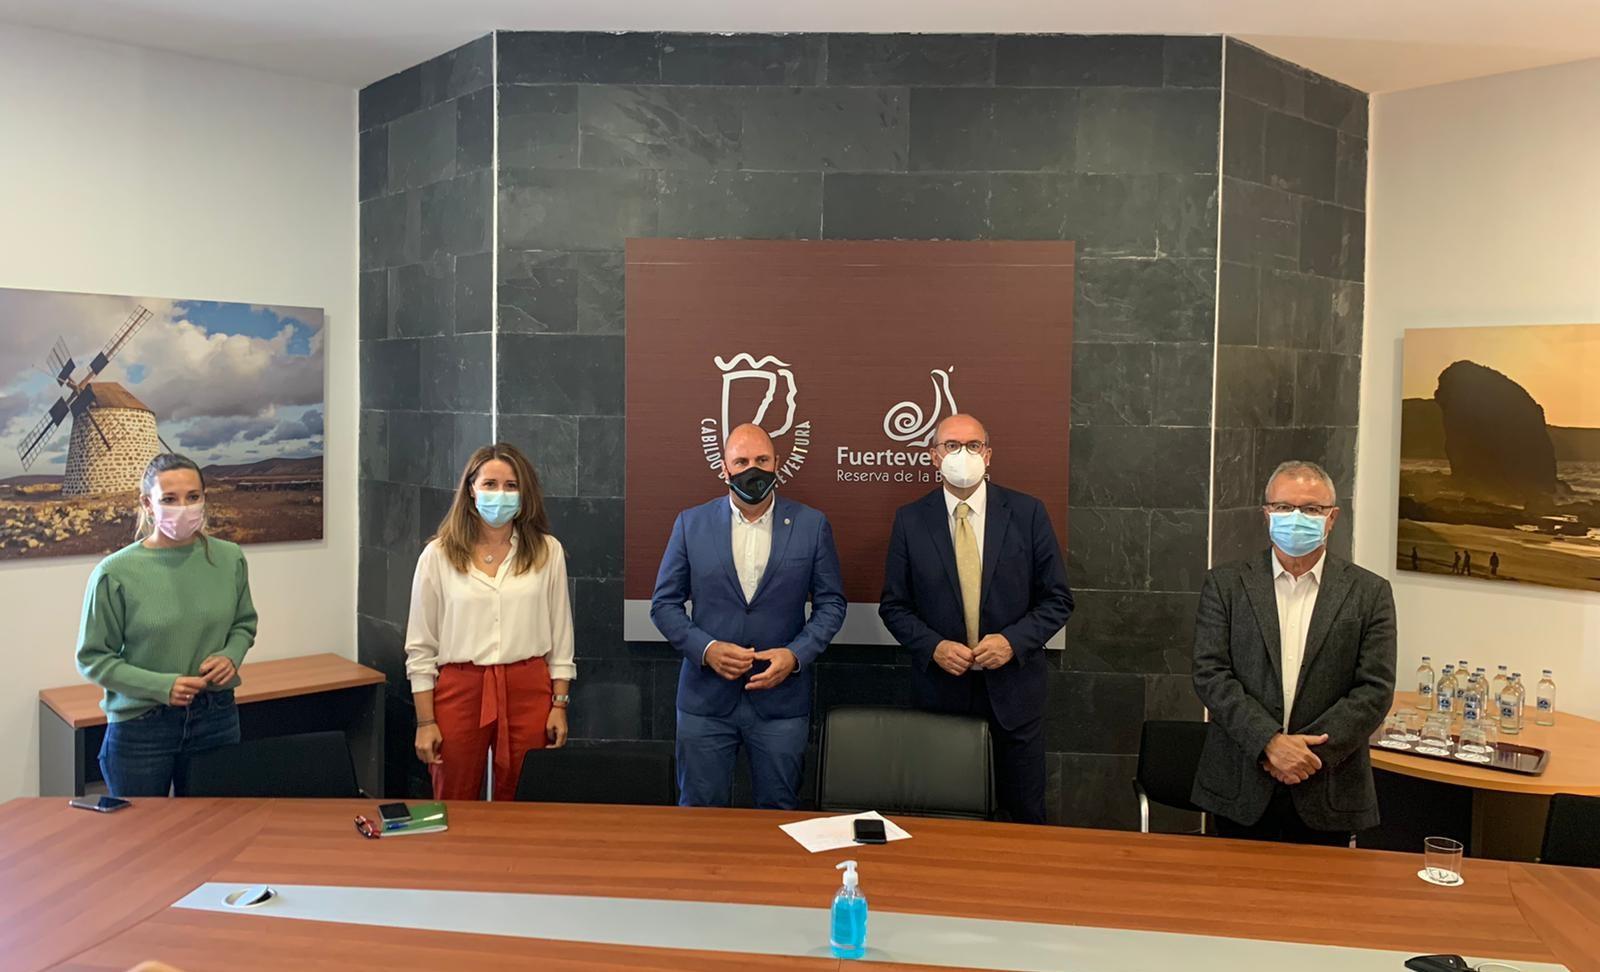 Visita del Delegado del Gobierno en Canarias al Cabildo de Fuerteventura / CanariasNoticias.es